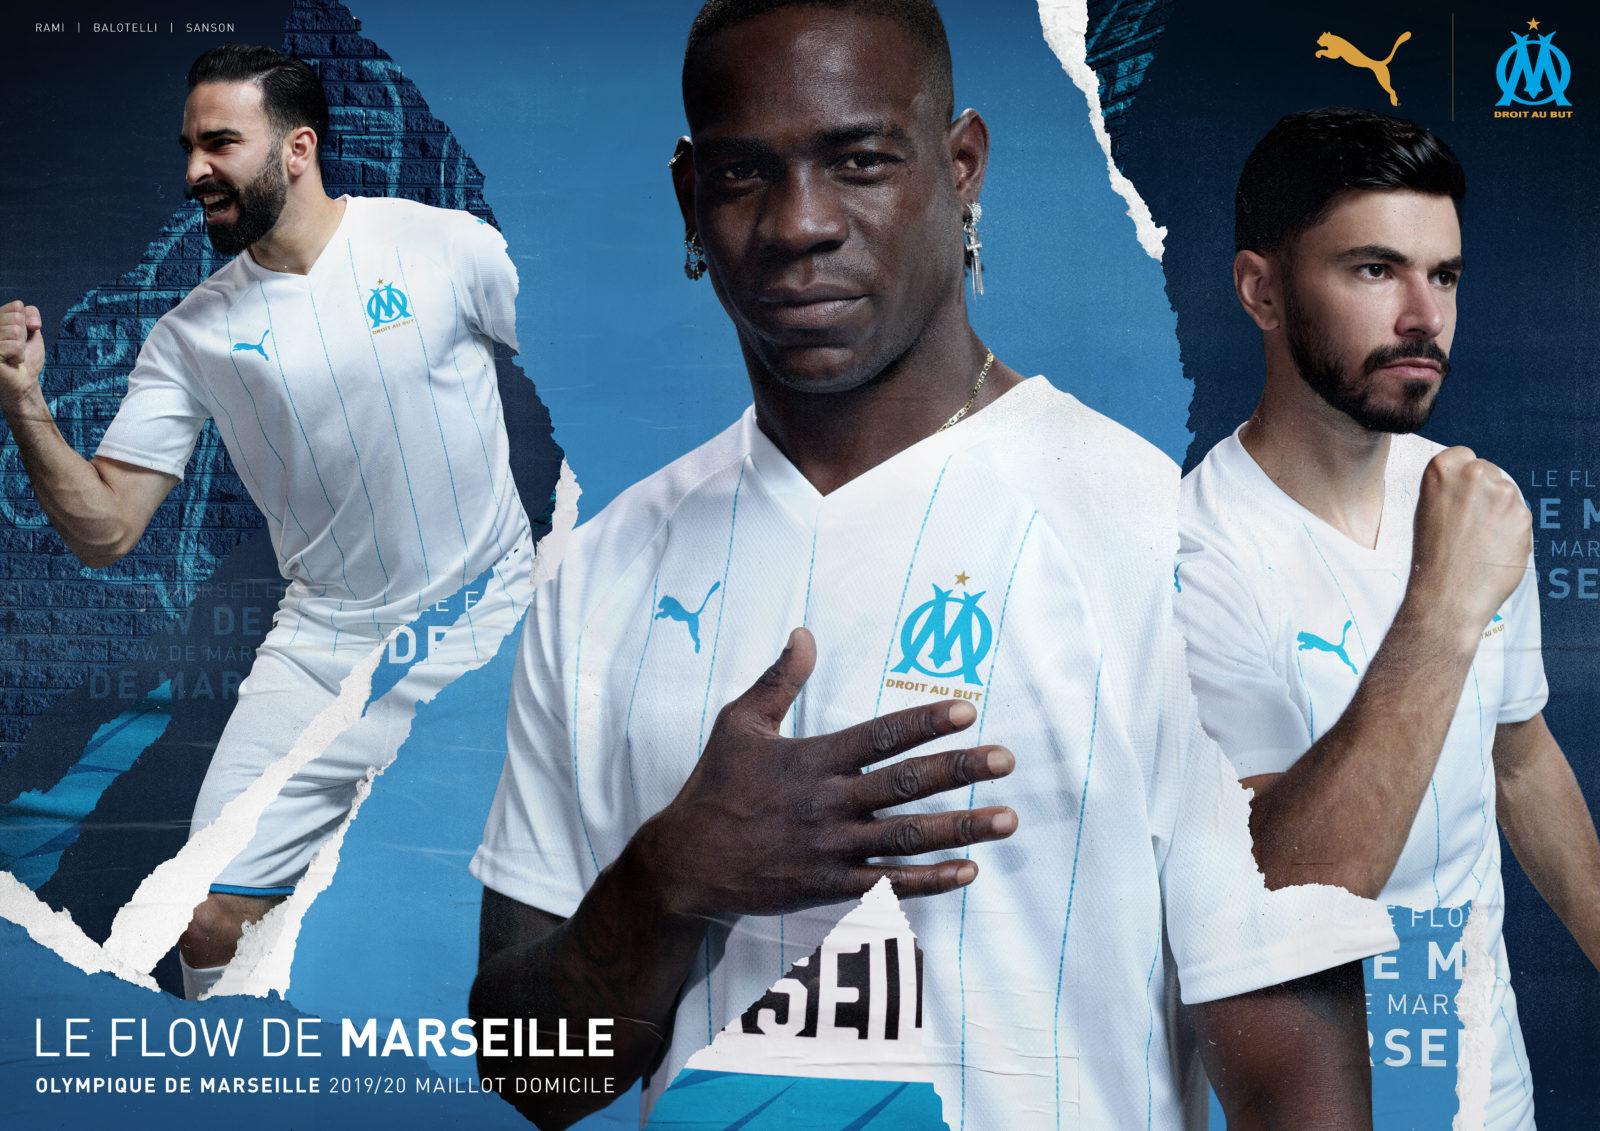 L'Olympique de Marseille dévoile son nouveau maillot